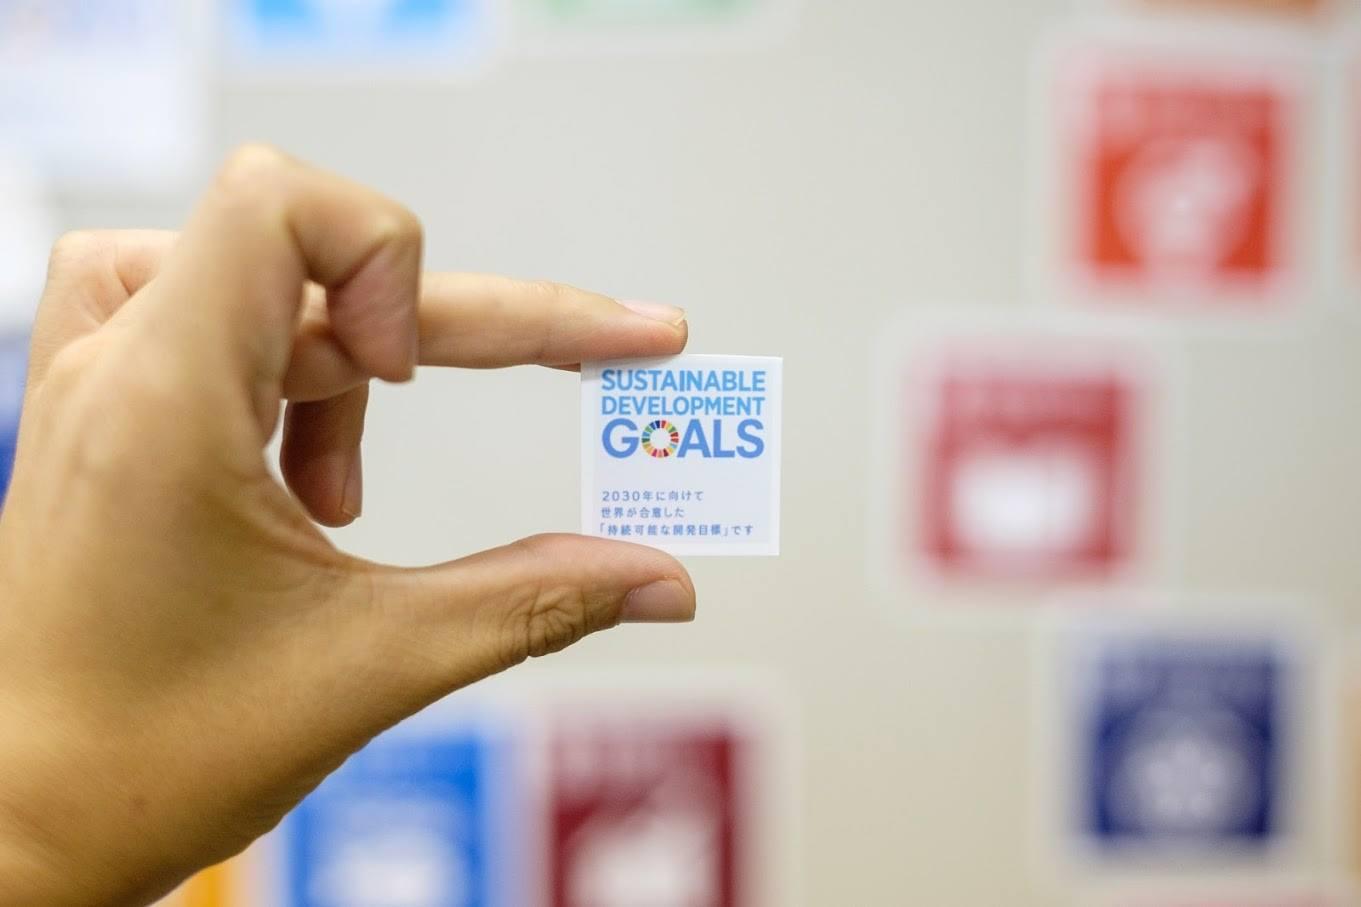 【11/13那珂川開催】2030SDGs体験会:持続可能な開発目標(SDGs)の実現に向けて動き出そう!